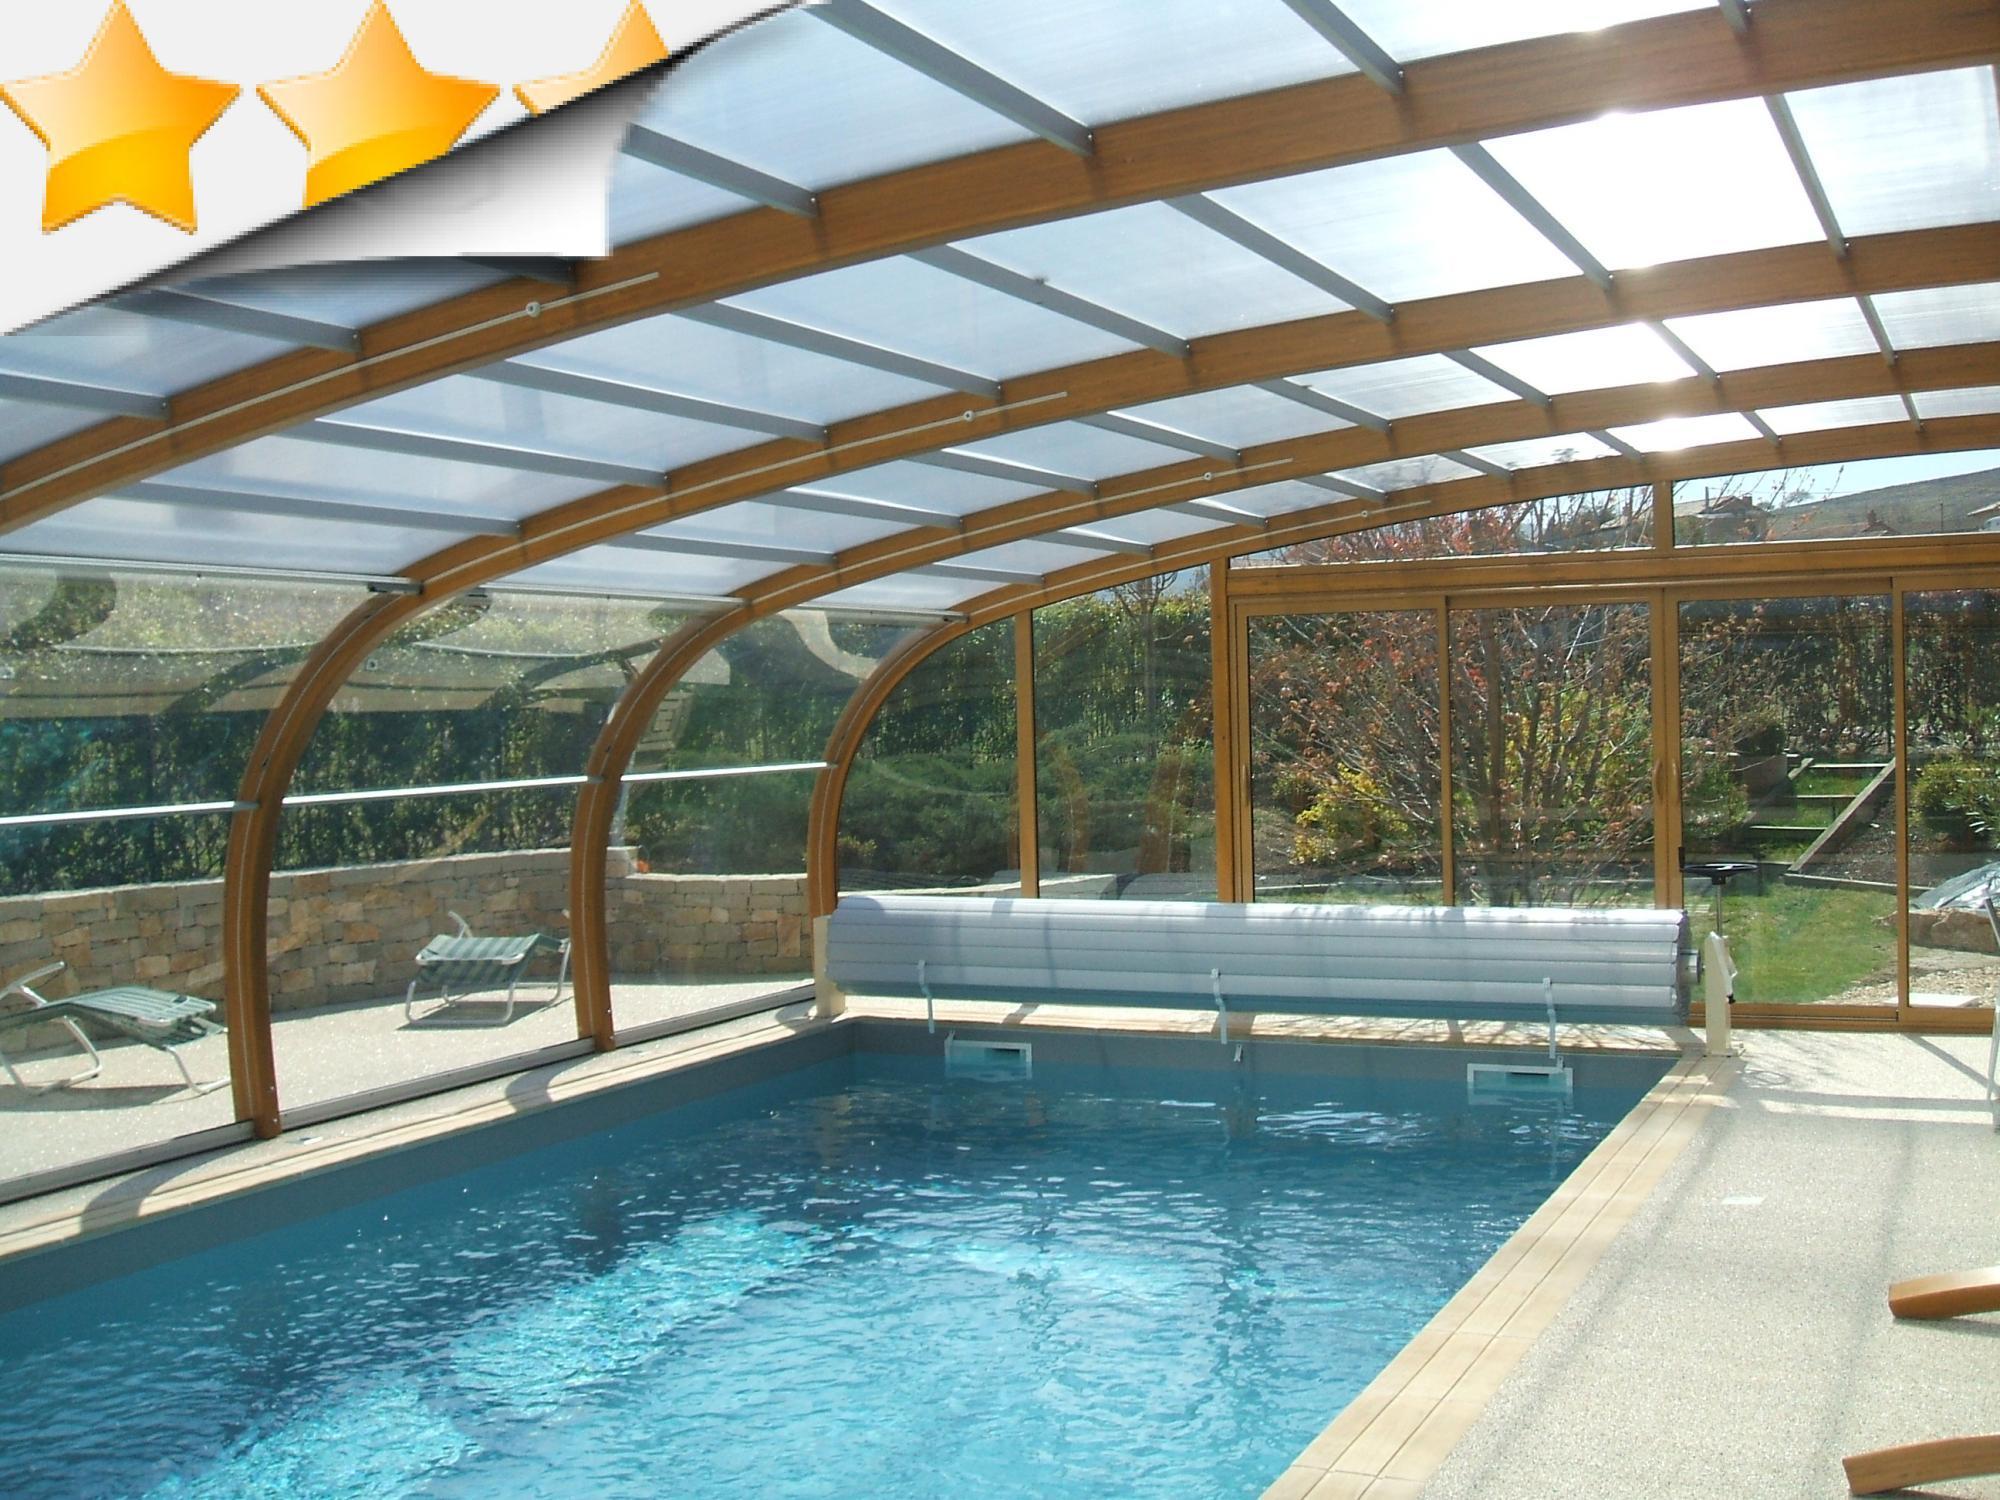 Abri piscine bois 39 ambiance 39 s curit par lpc for Abri bois piscine